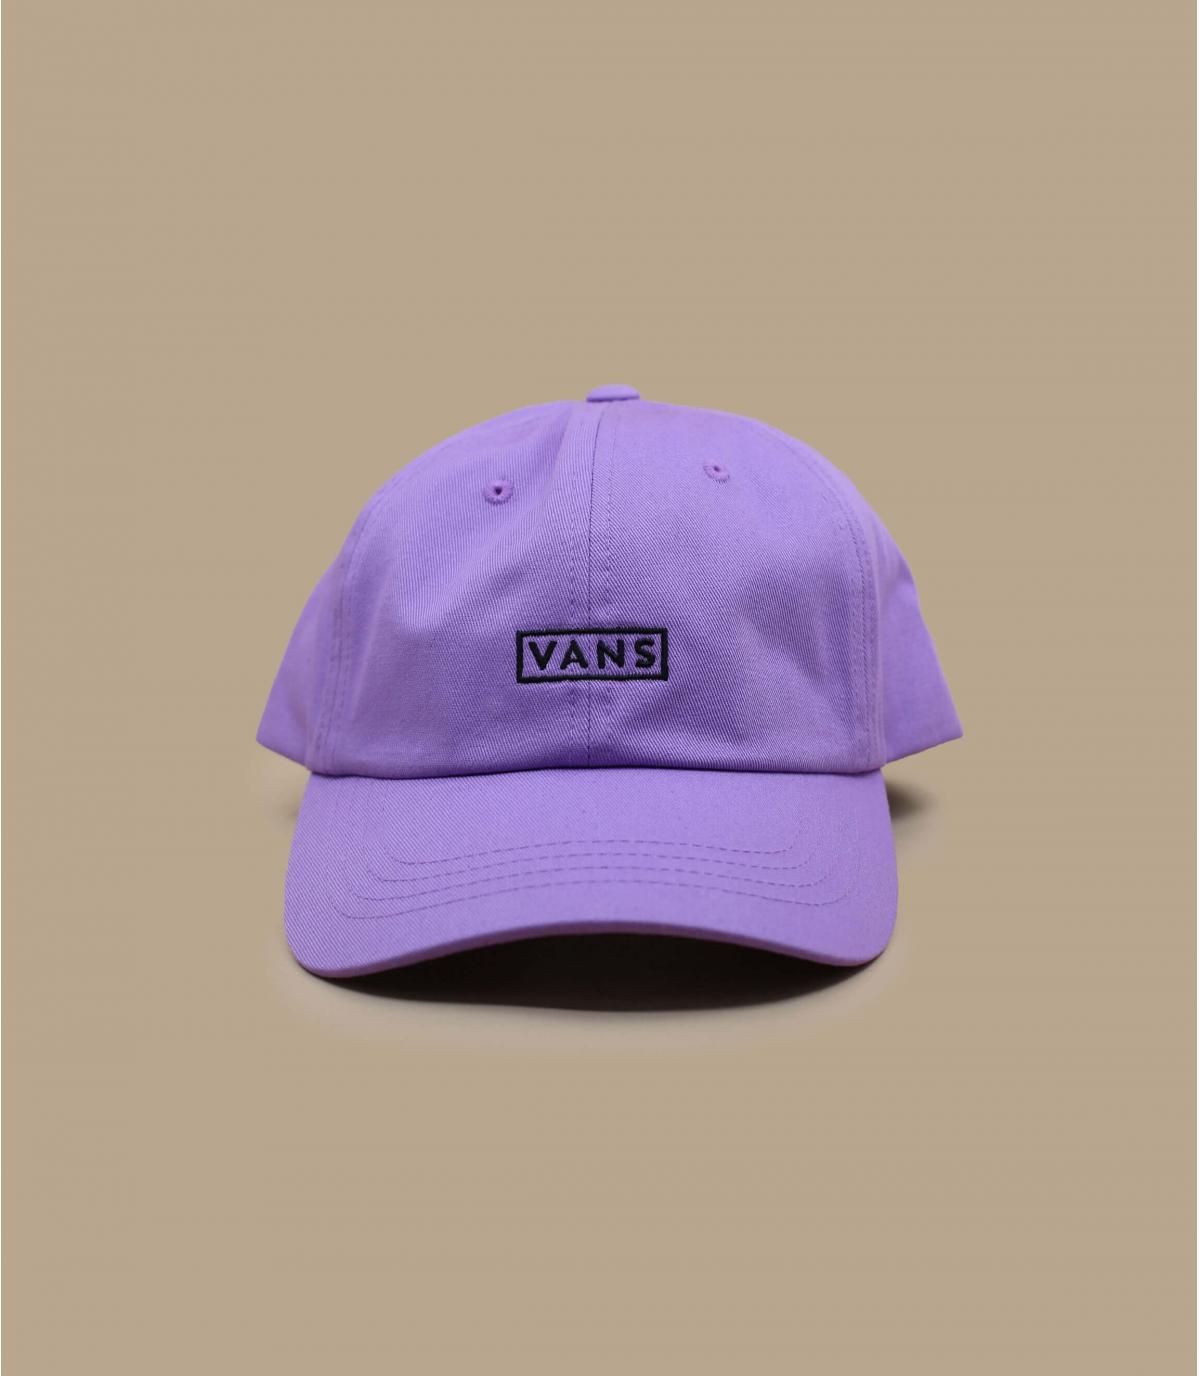 casquette Vans femme violet